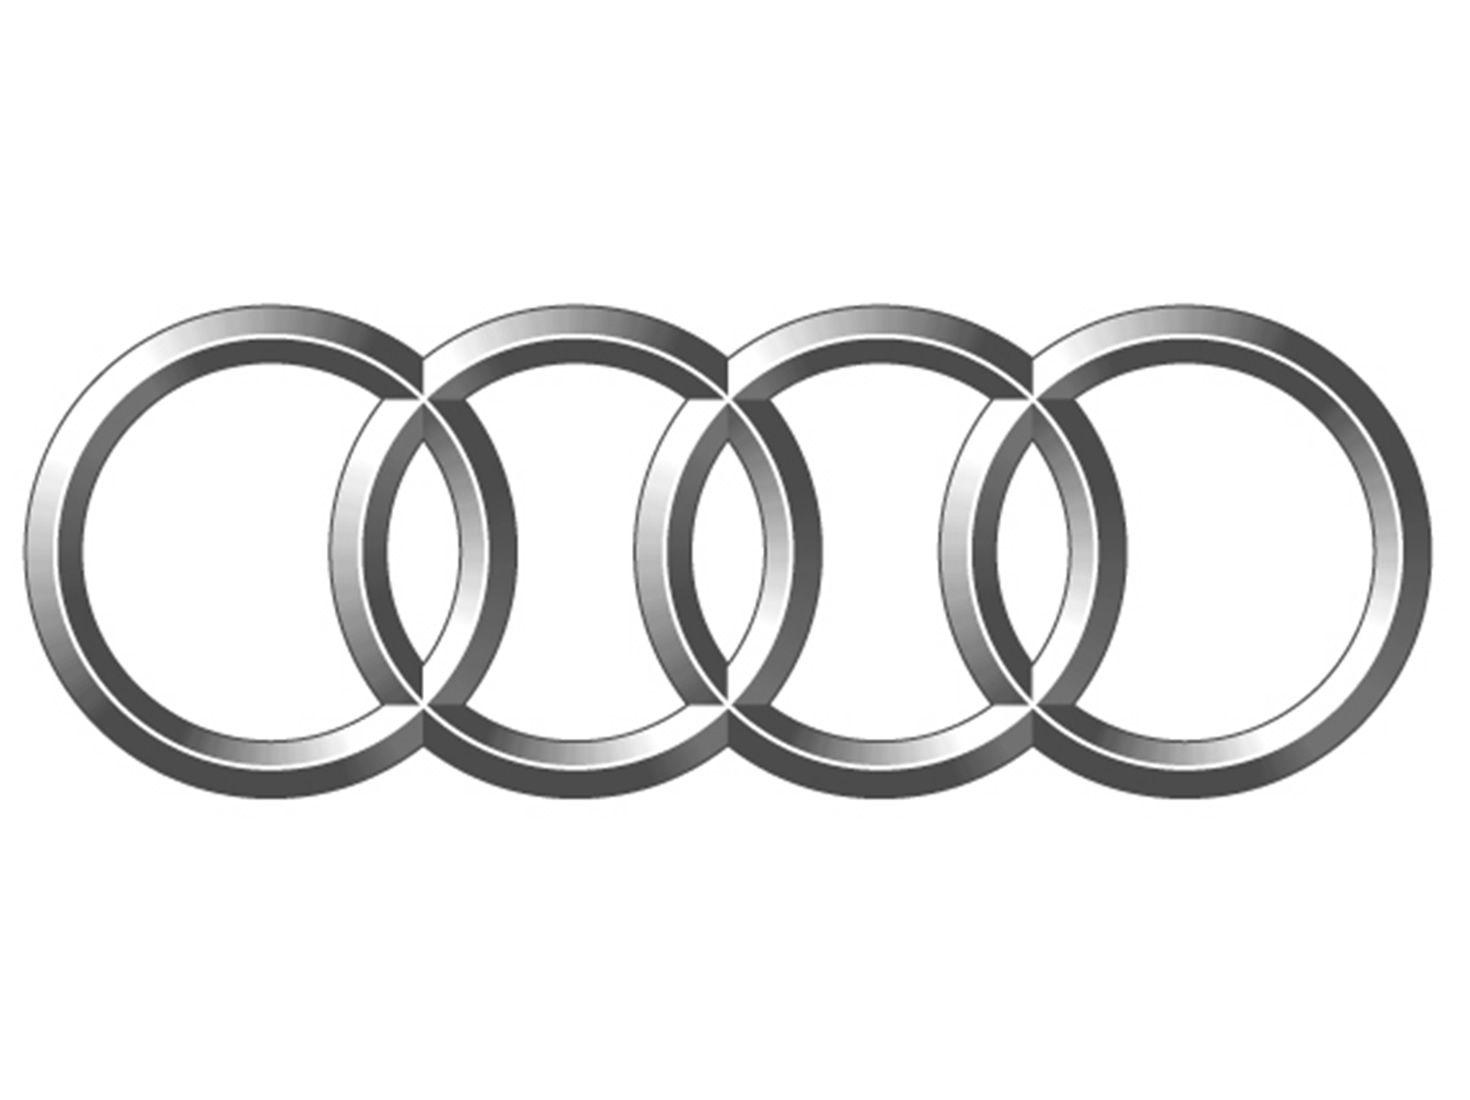 Audi Logo Free Large Images MyFab Pinterest Logos - Audi symbol